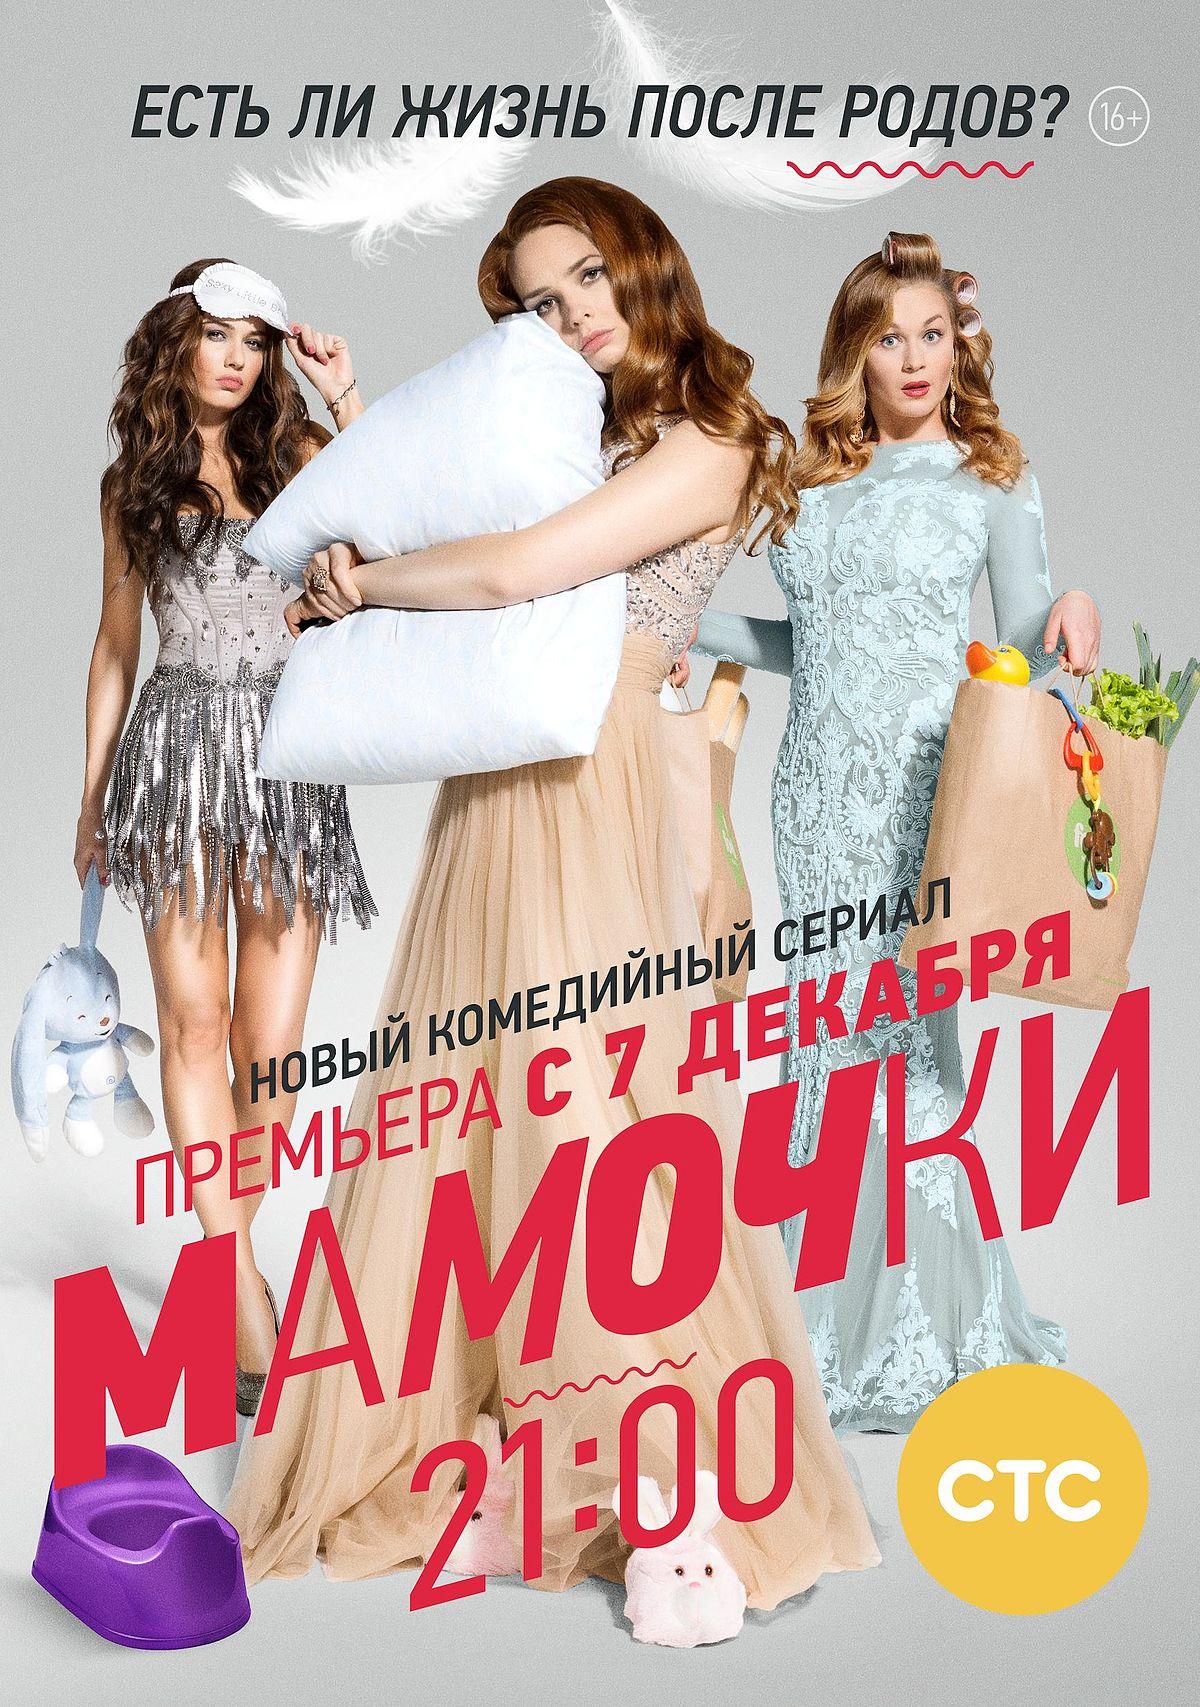 Песни из сериала мамочки скачать 2 сезон.